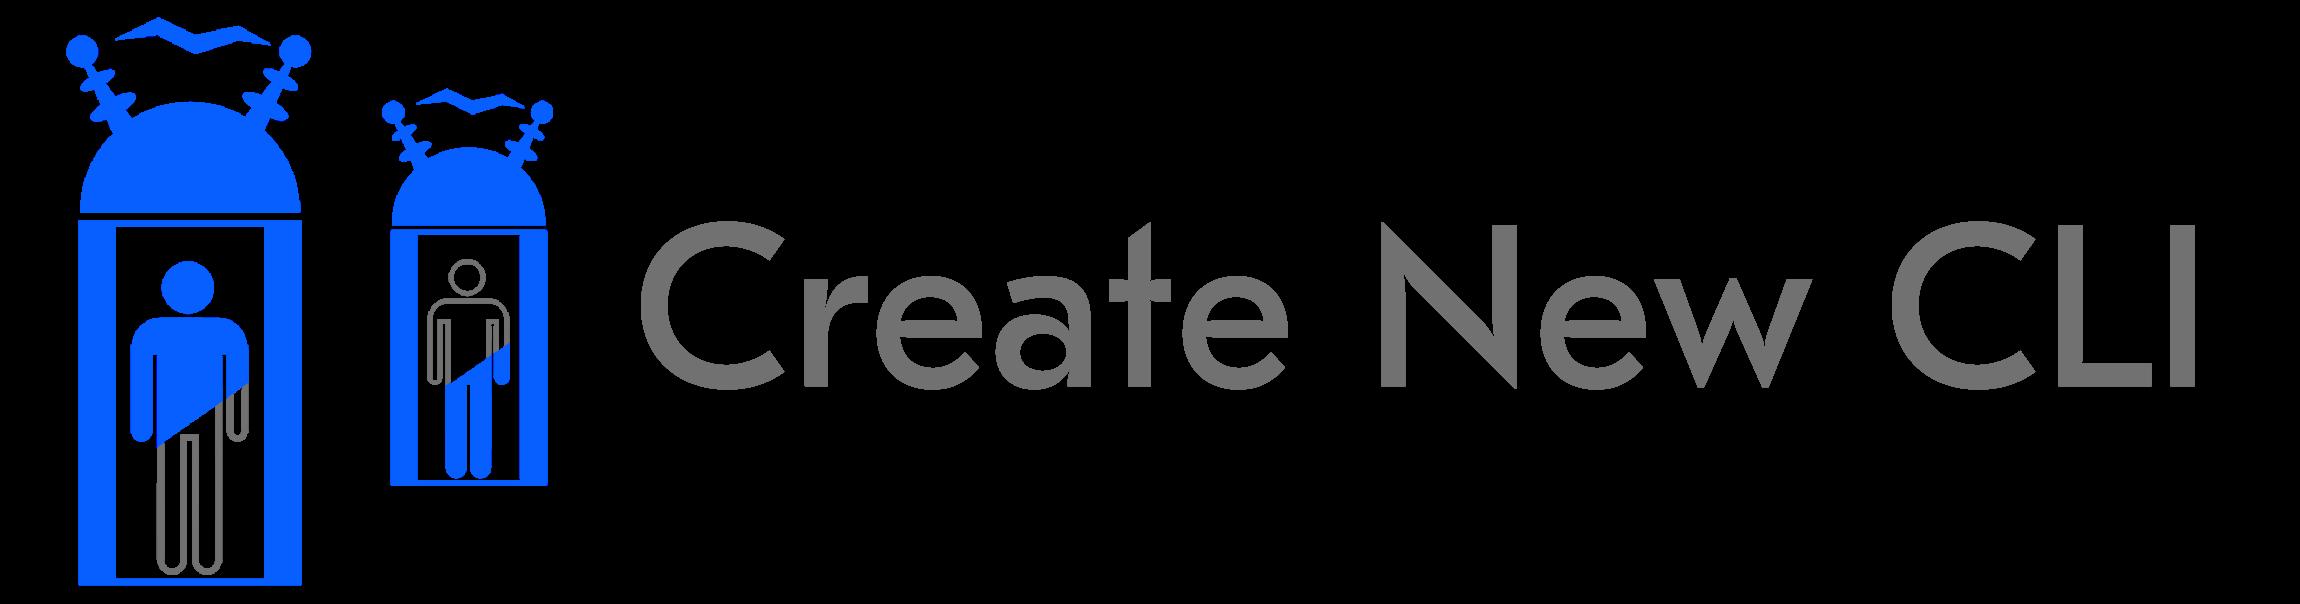 /meta-cli-creation-using-create-new-cli-15550e56fce6 feature image